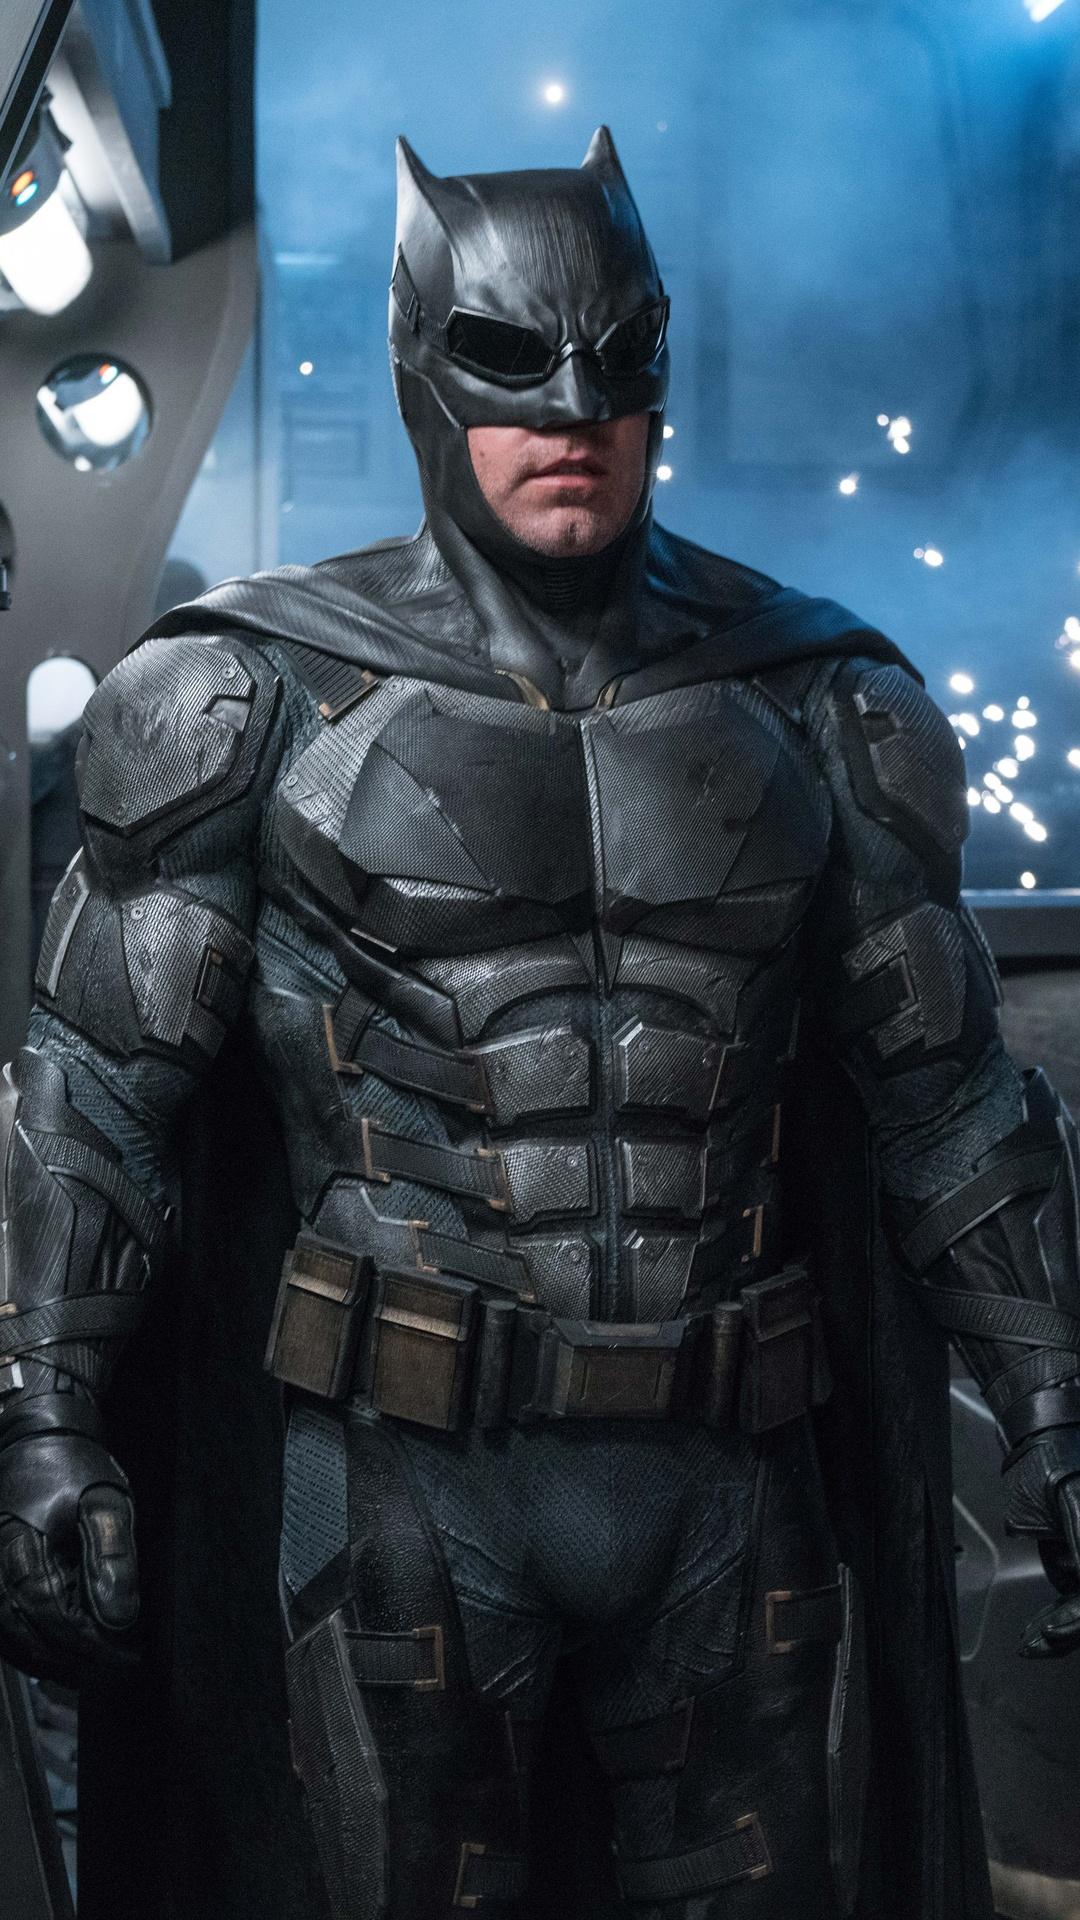 1080x1920 ben affleck as batman in justice league 8k - Ben affleck batman wallpaper ...